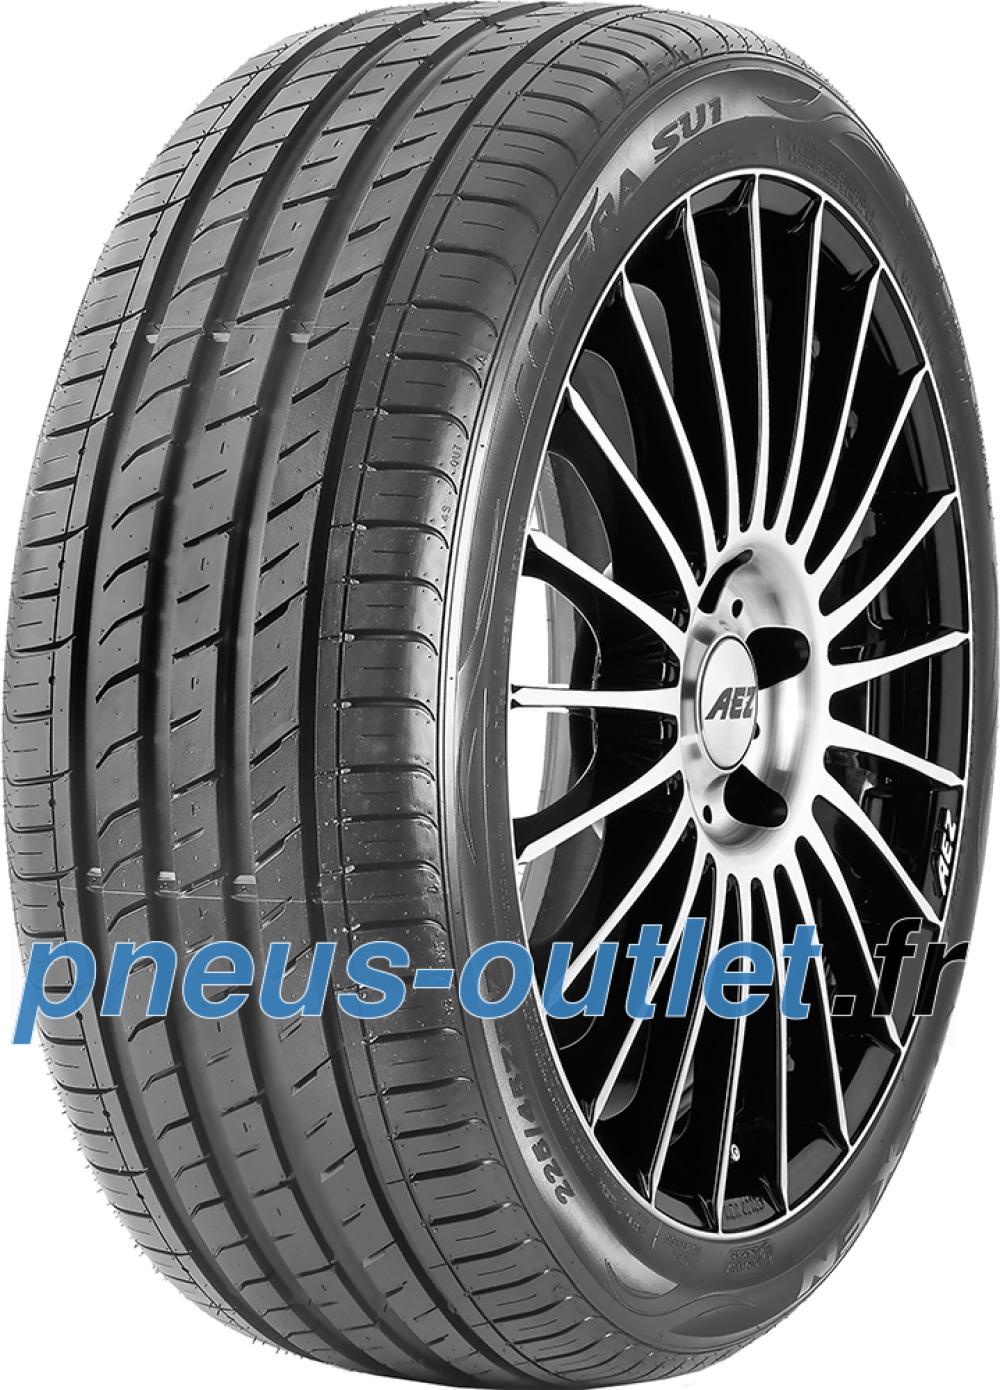 Nexen N Fera SU1 ( 225/45 R17 94Y XL 4PR RPB )